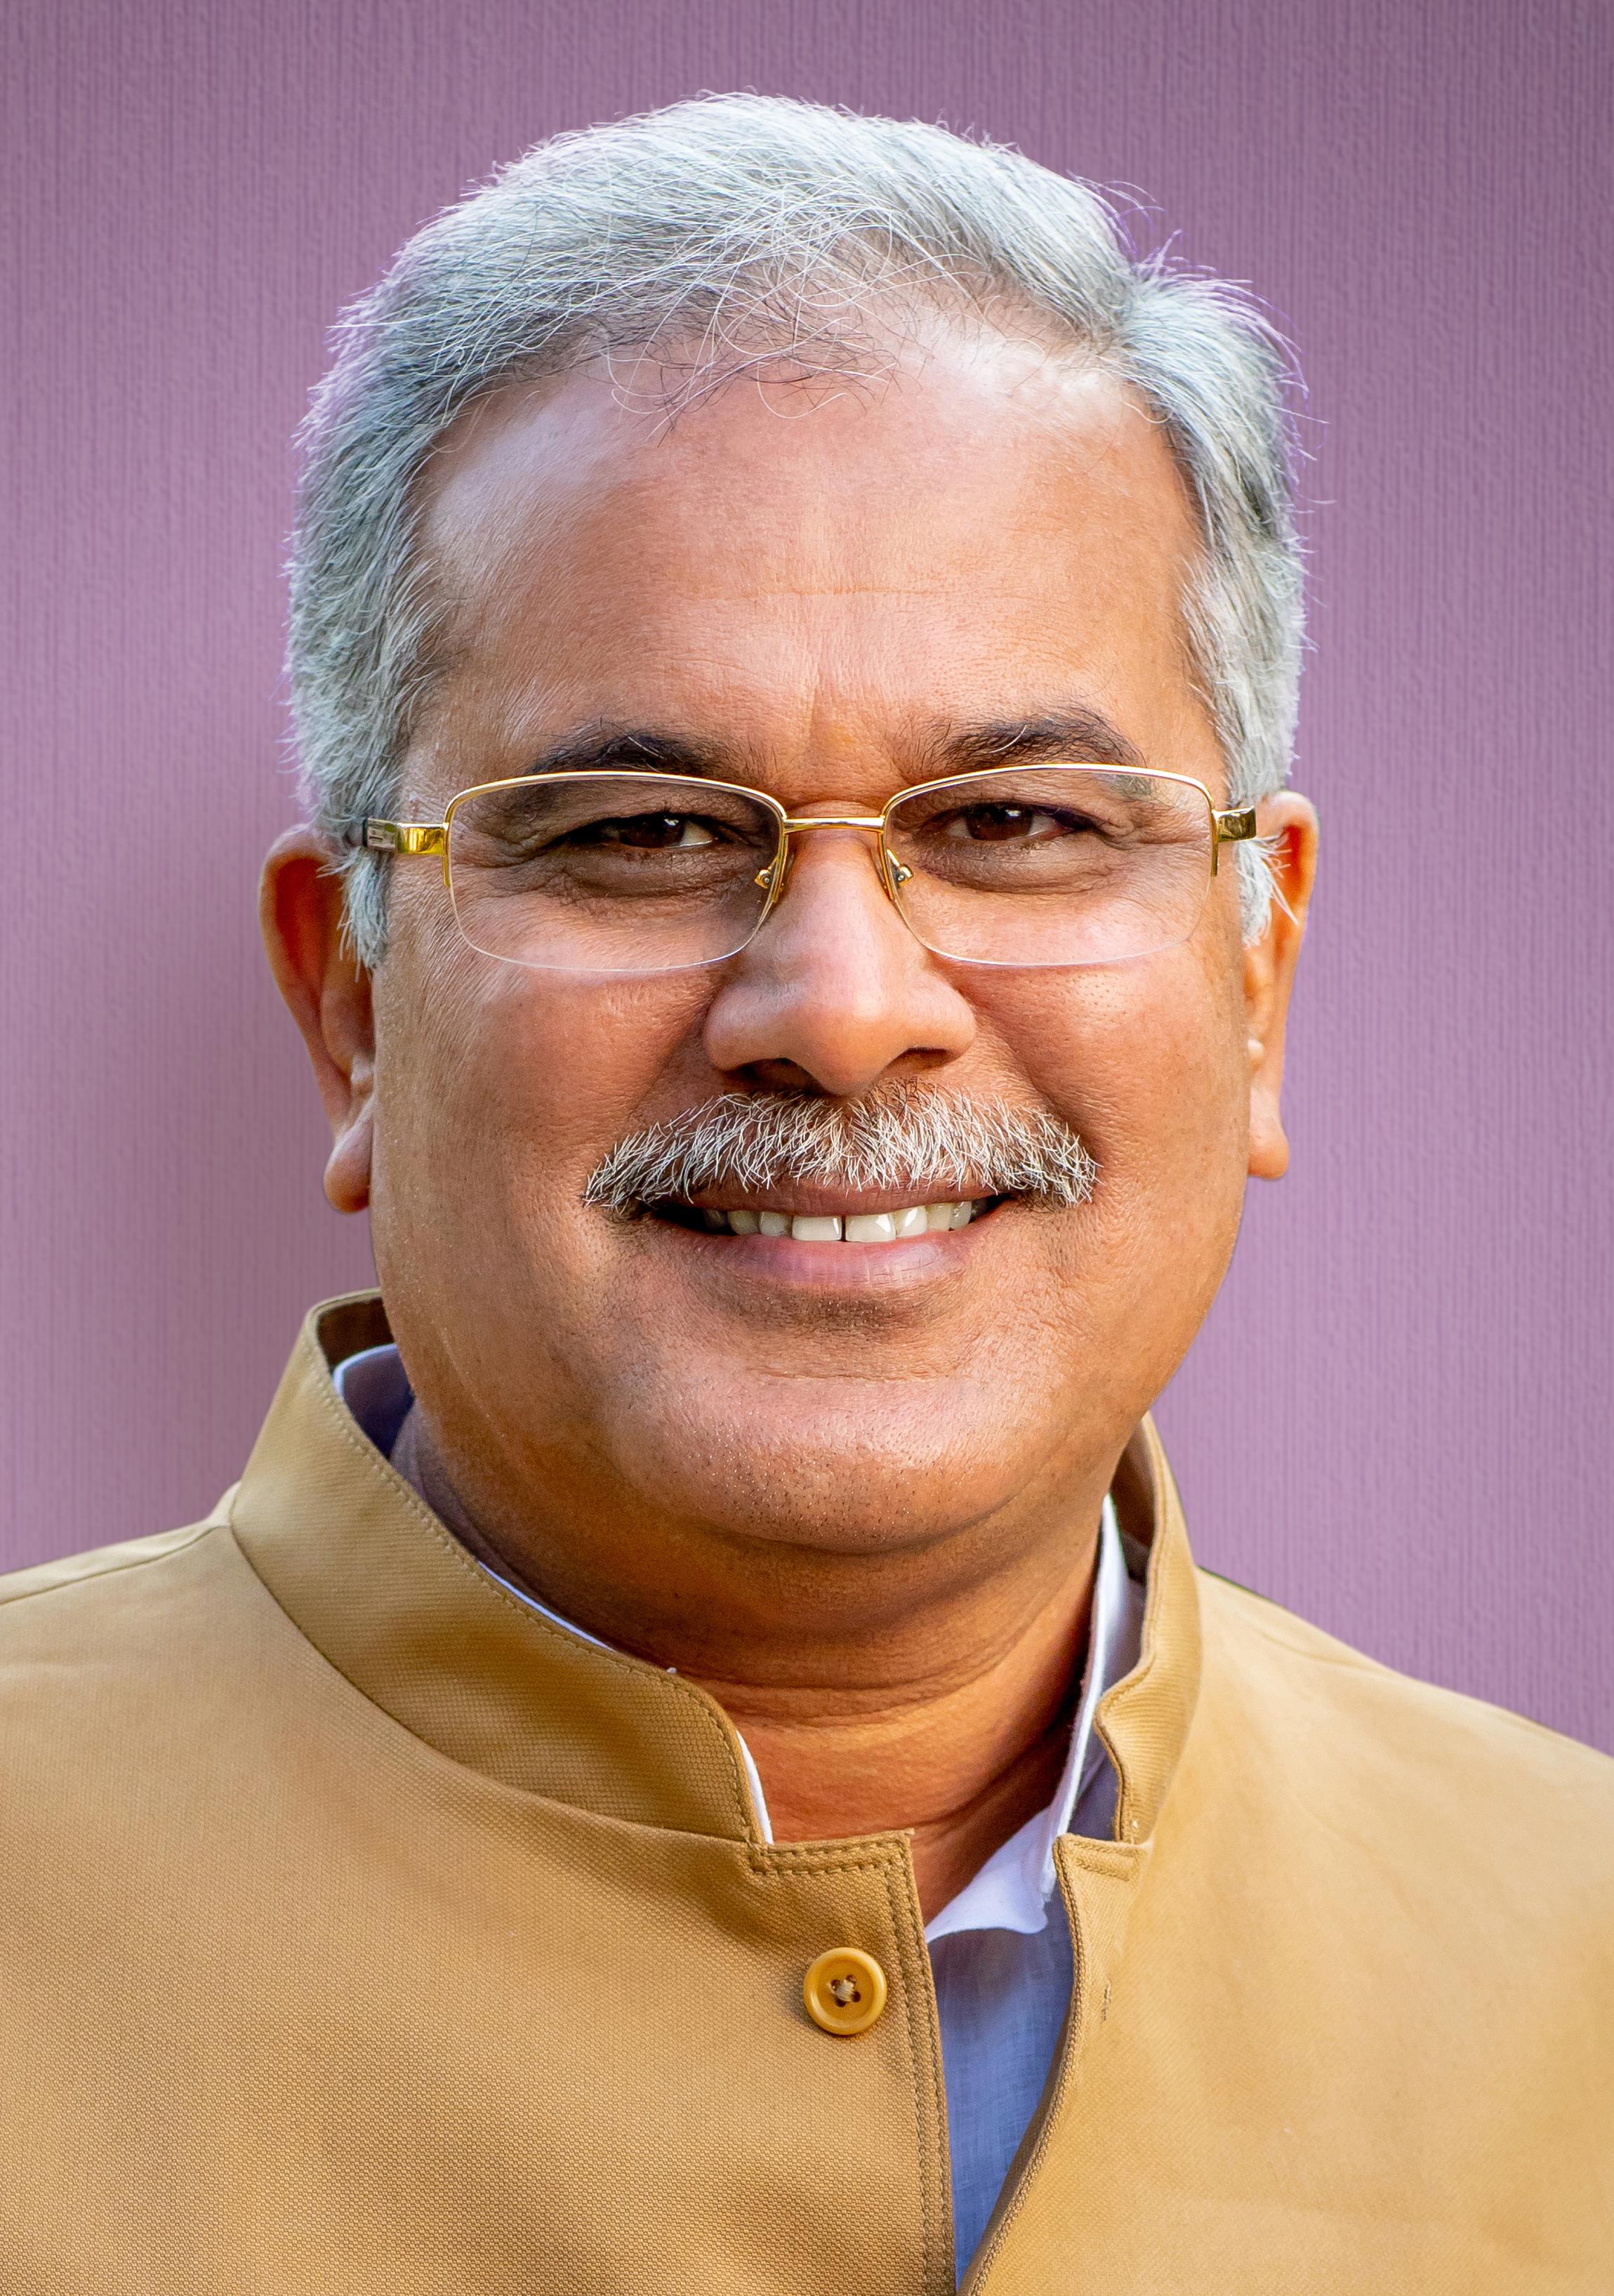 स्वतंत्रता दिवस समारोह-2020 : मुख्यमंत्री श्री भूपेश बघेल रायपुर में करेंगे ध्वजारोहण